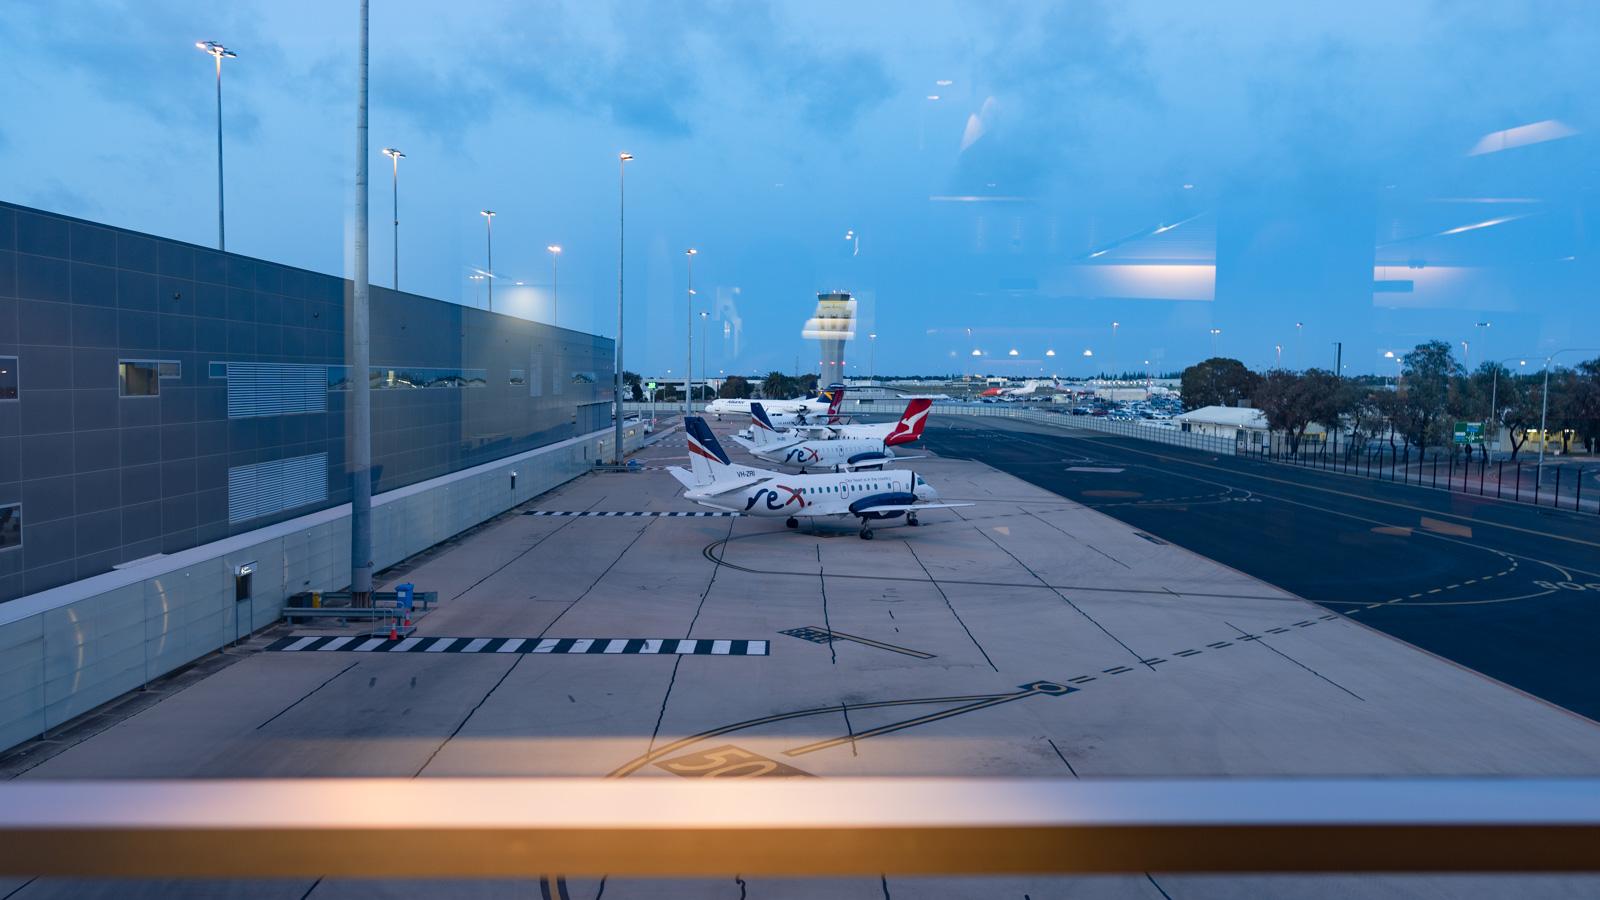 Qantas Club Adelaide views